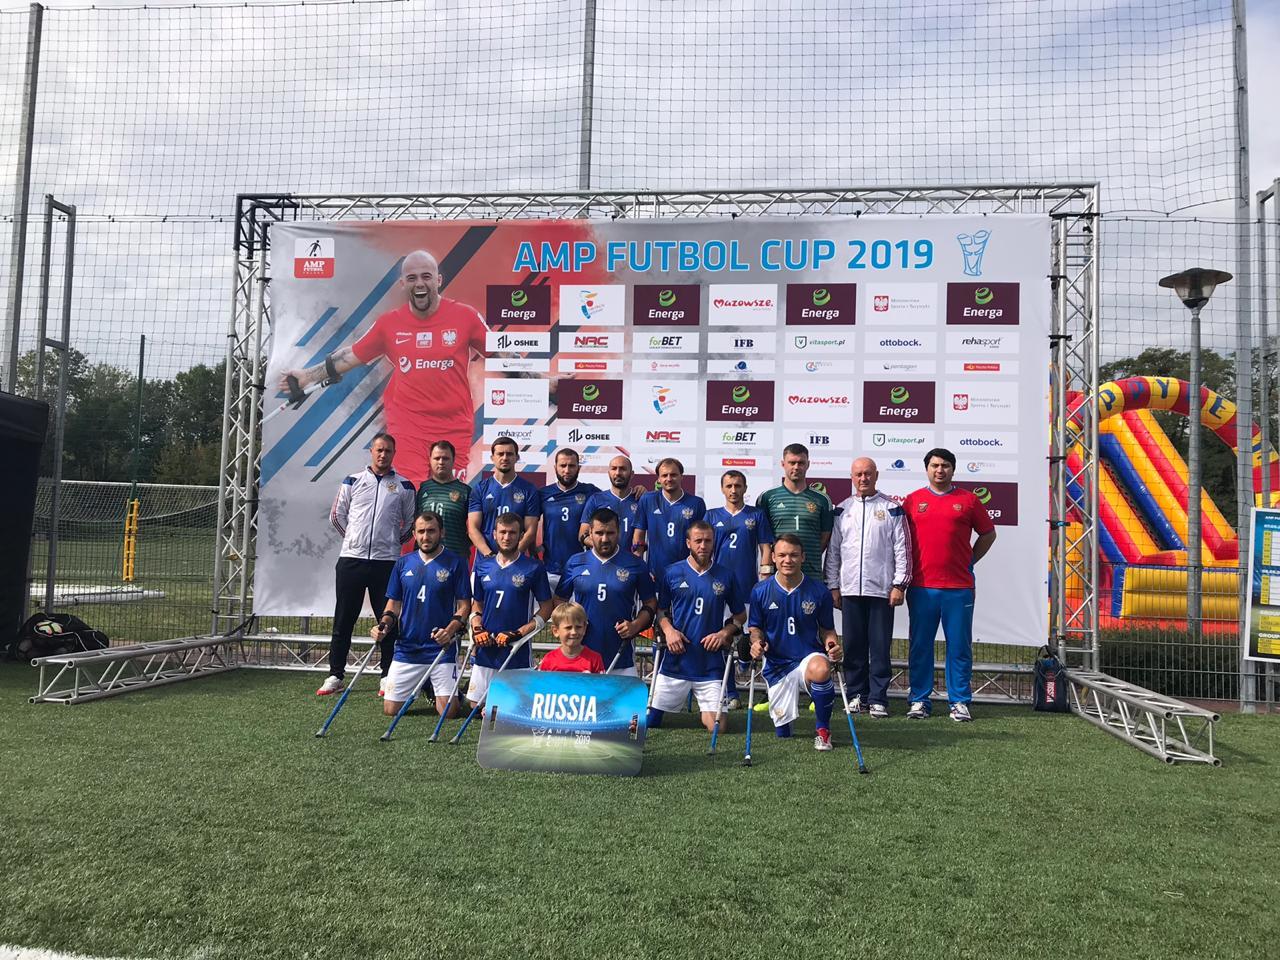 Сборная команда России по футболу ампутантов завоевала серебряные медали на международном турнире «Amp Futbol Cup-2019» в Польше